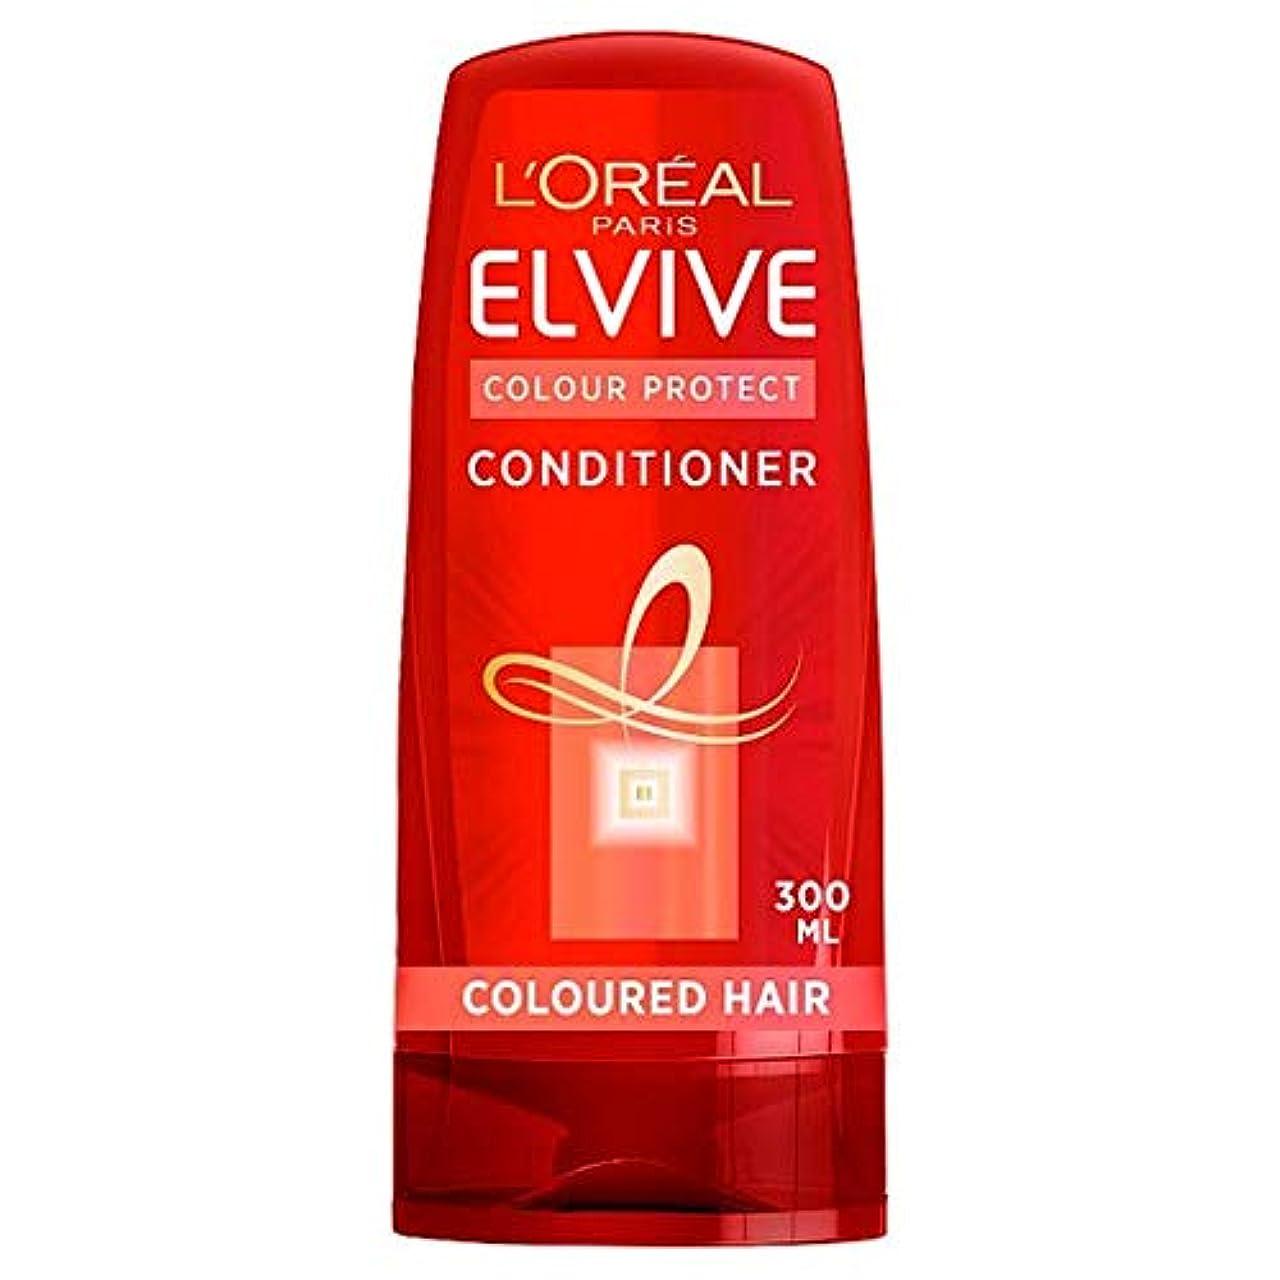 他のバンドで相関する急襲[Elvive] ロレアルElvive色の保護ヘアコンディショナー300ミリリットル - L'oreal Elvive Coloured Protection Hair Conditioner 300Ml [並行輸入品]